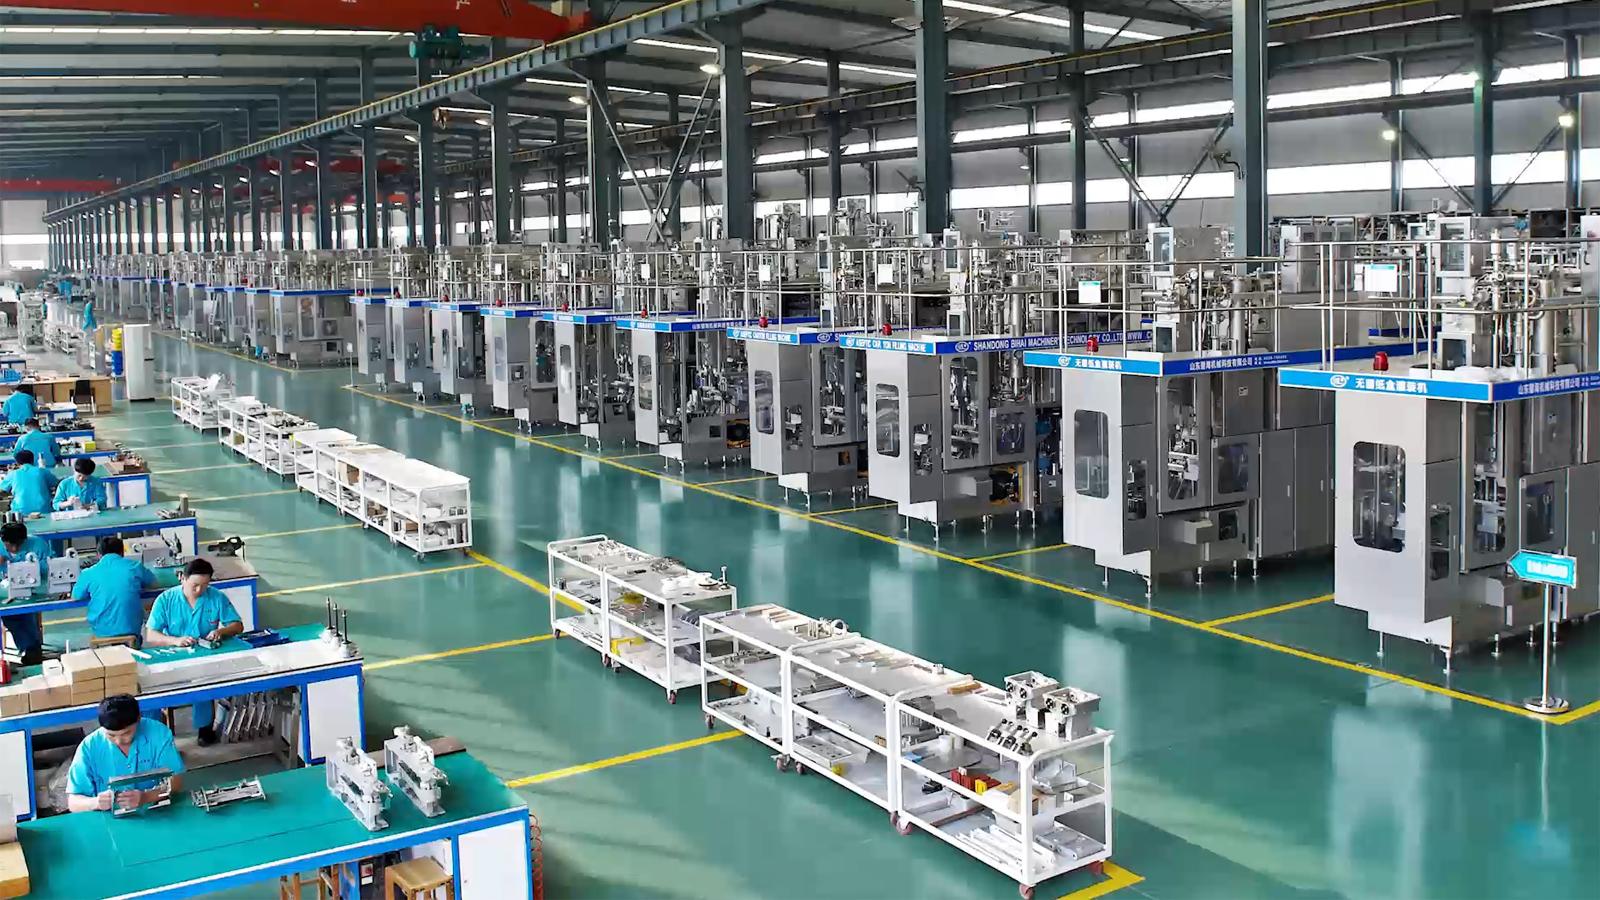 新莱集团-轨道自动焊接技术在乳品饮料工艺管路系统中的应用